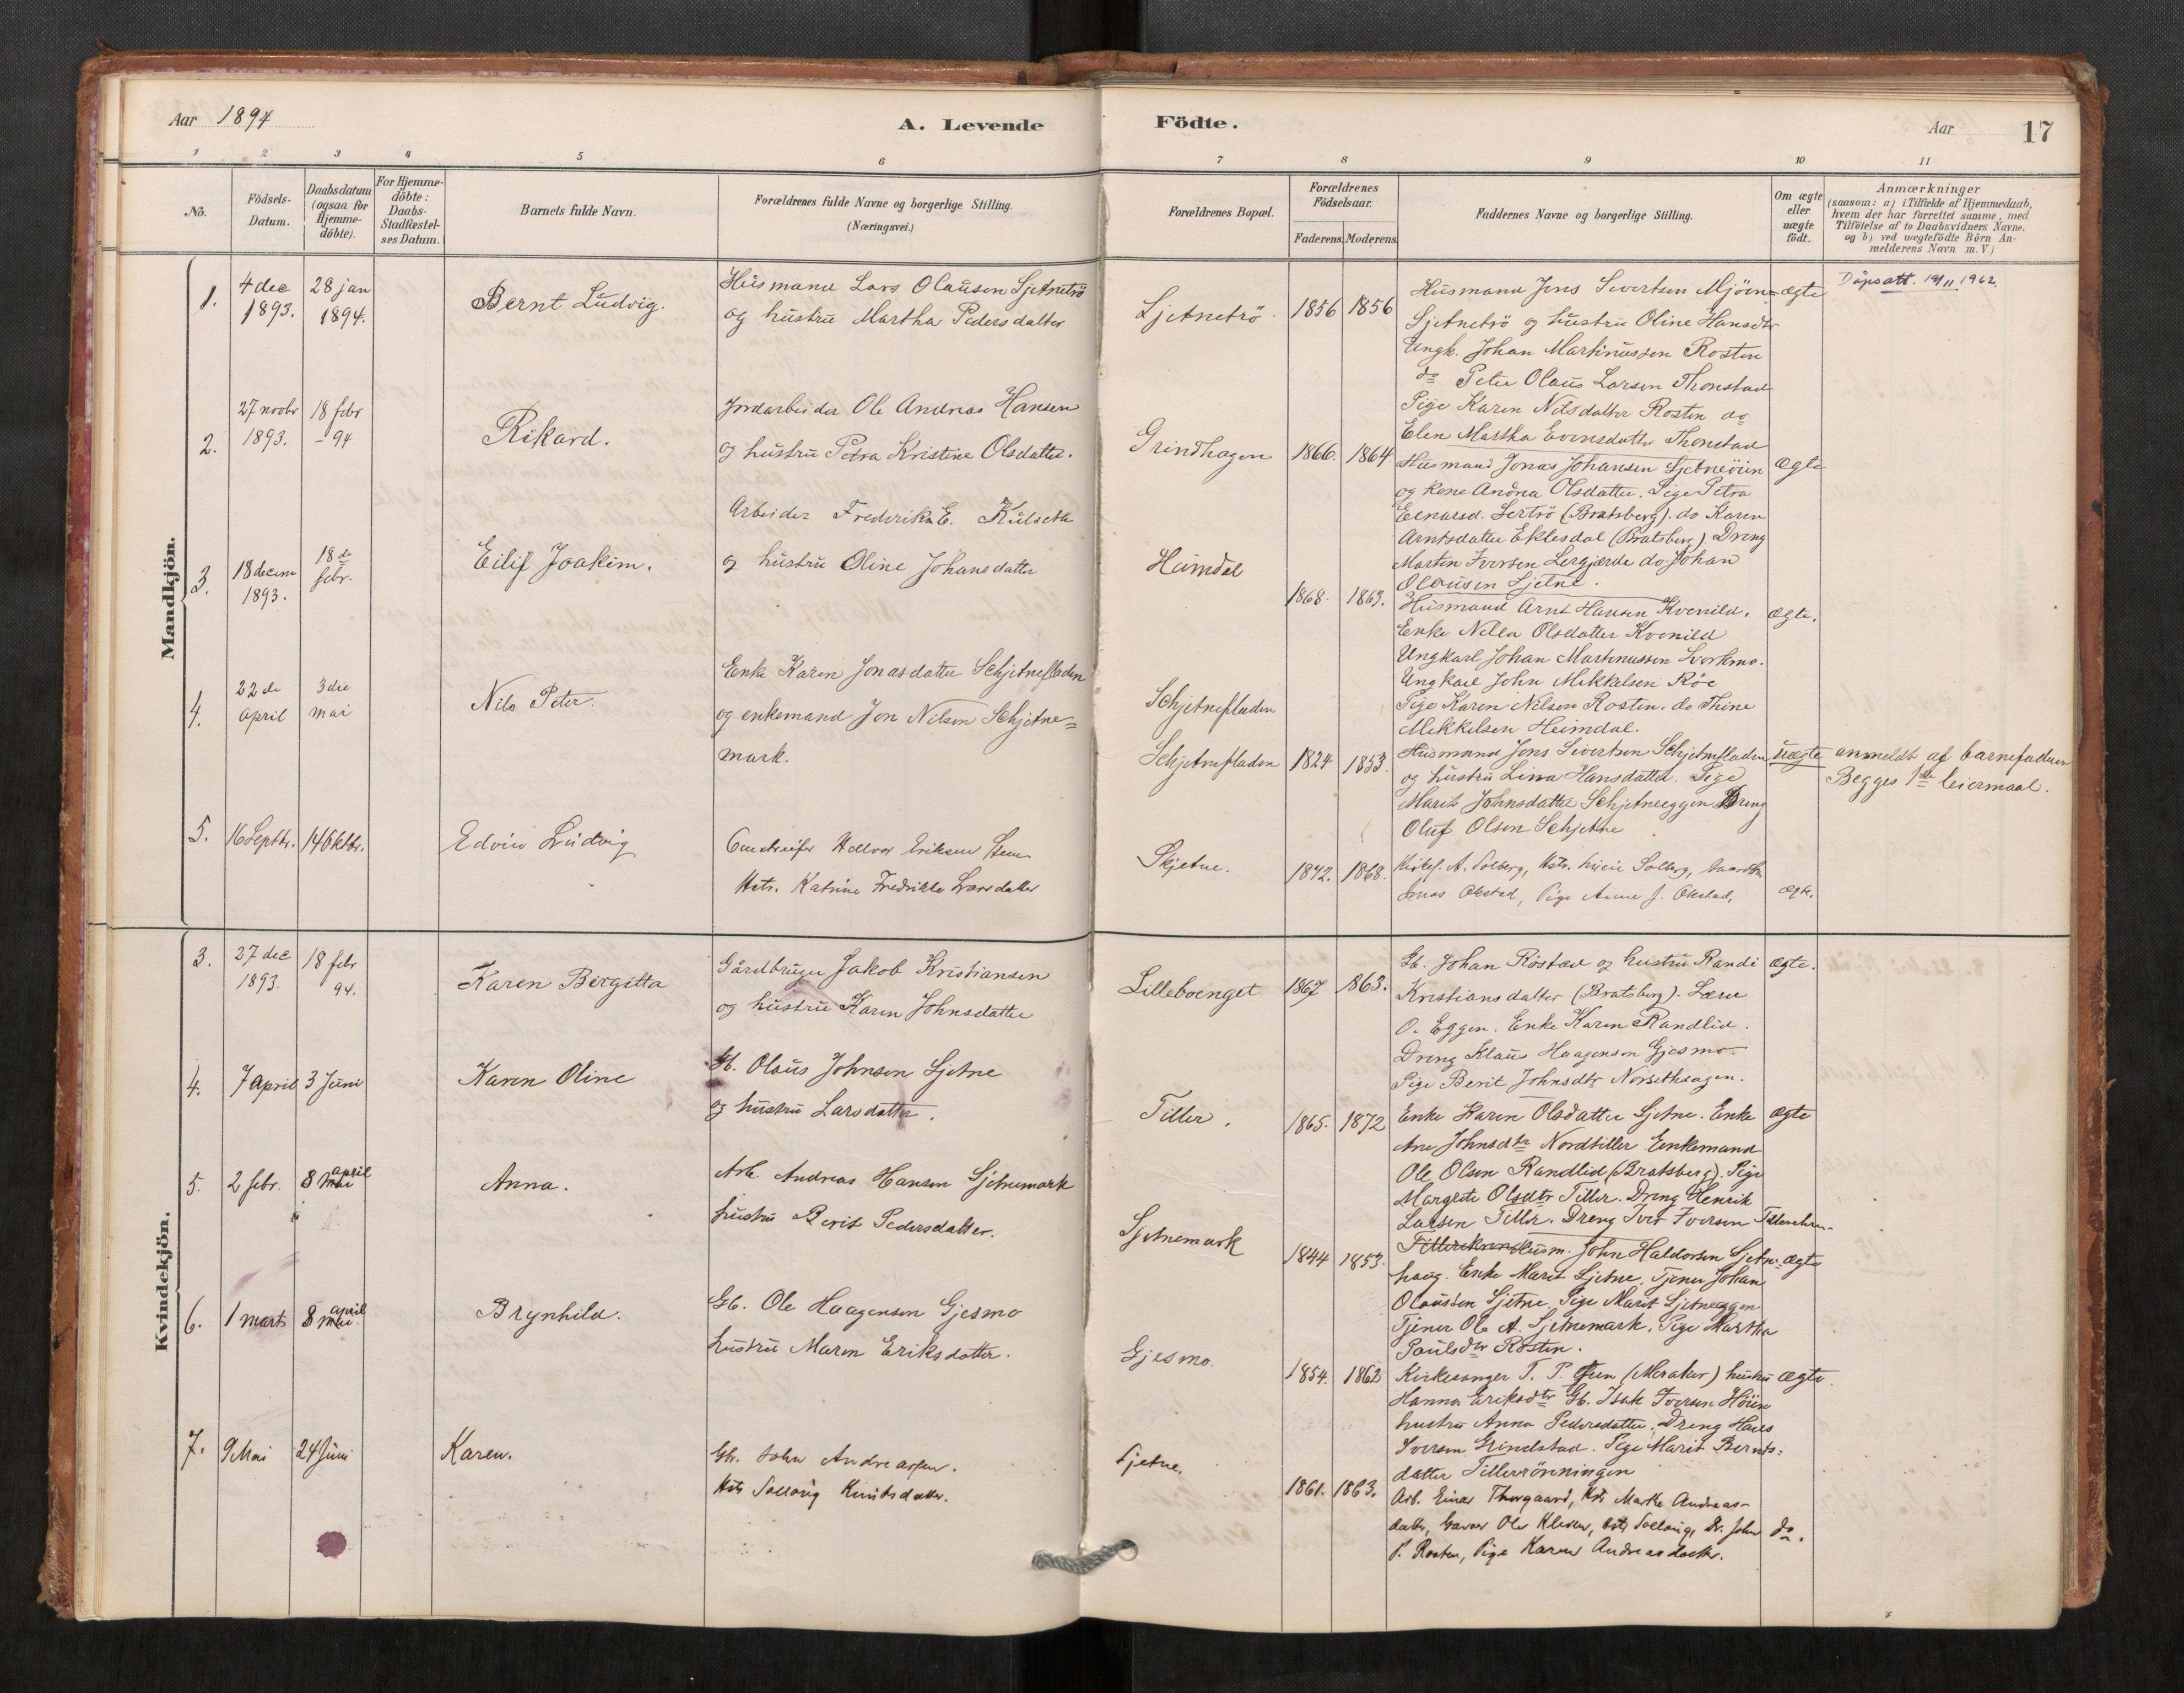 SAT, Klæbu sokneprestkontor, Parish register (official) no. 1, 1880-1900, p. 17